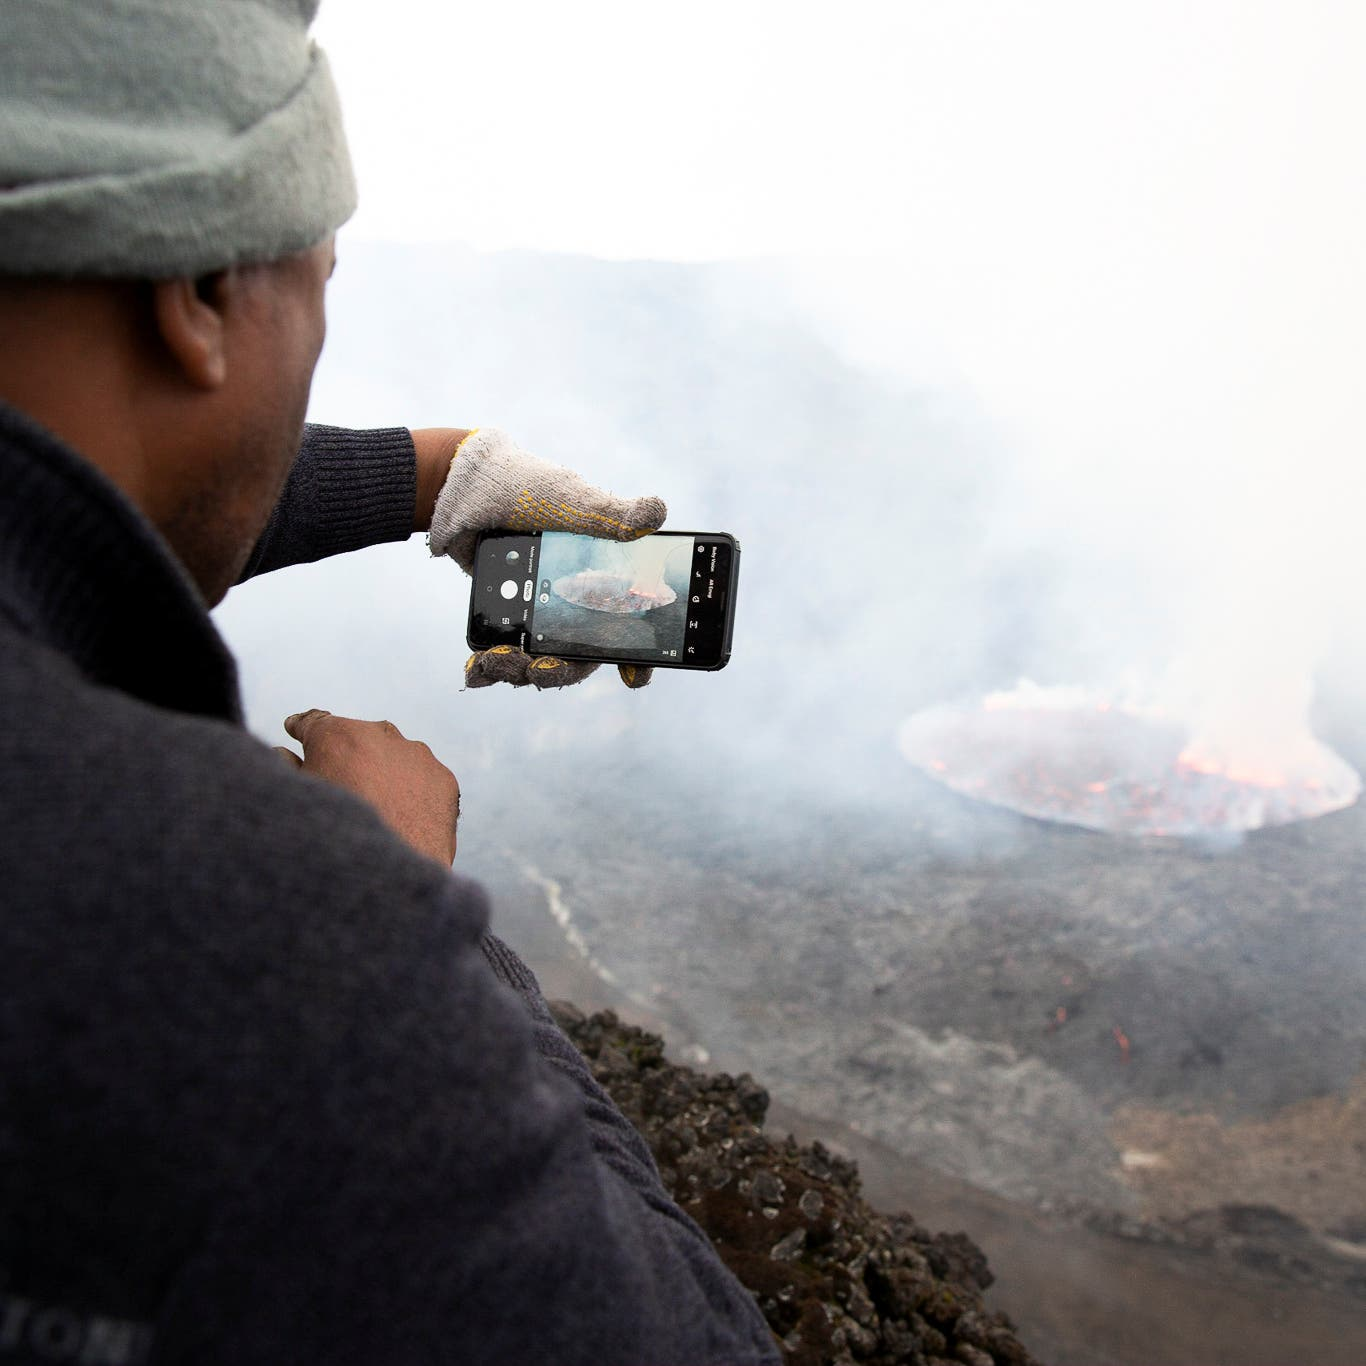 شاهد.. ثوران بركان بالقرب من غوما بالكونغو يثير ذعر السكان